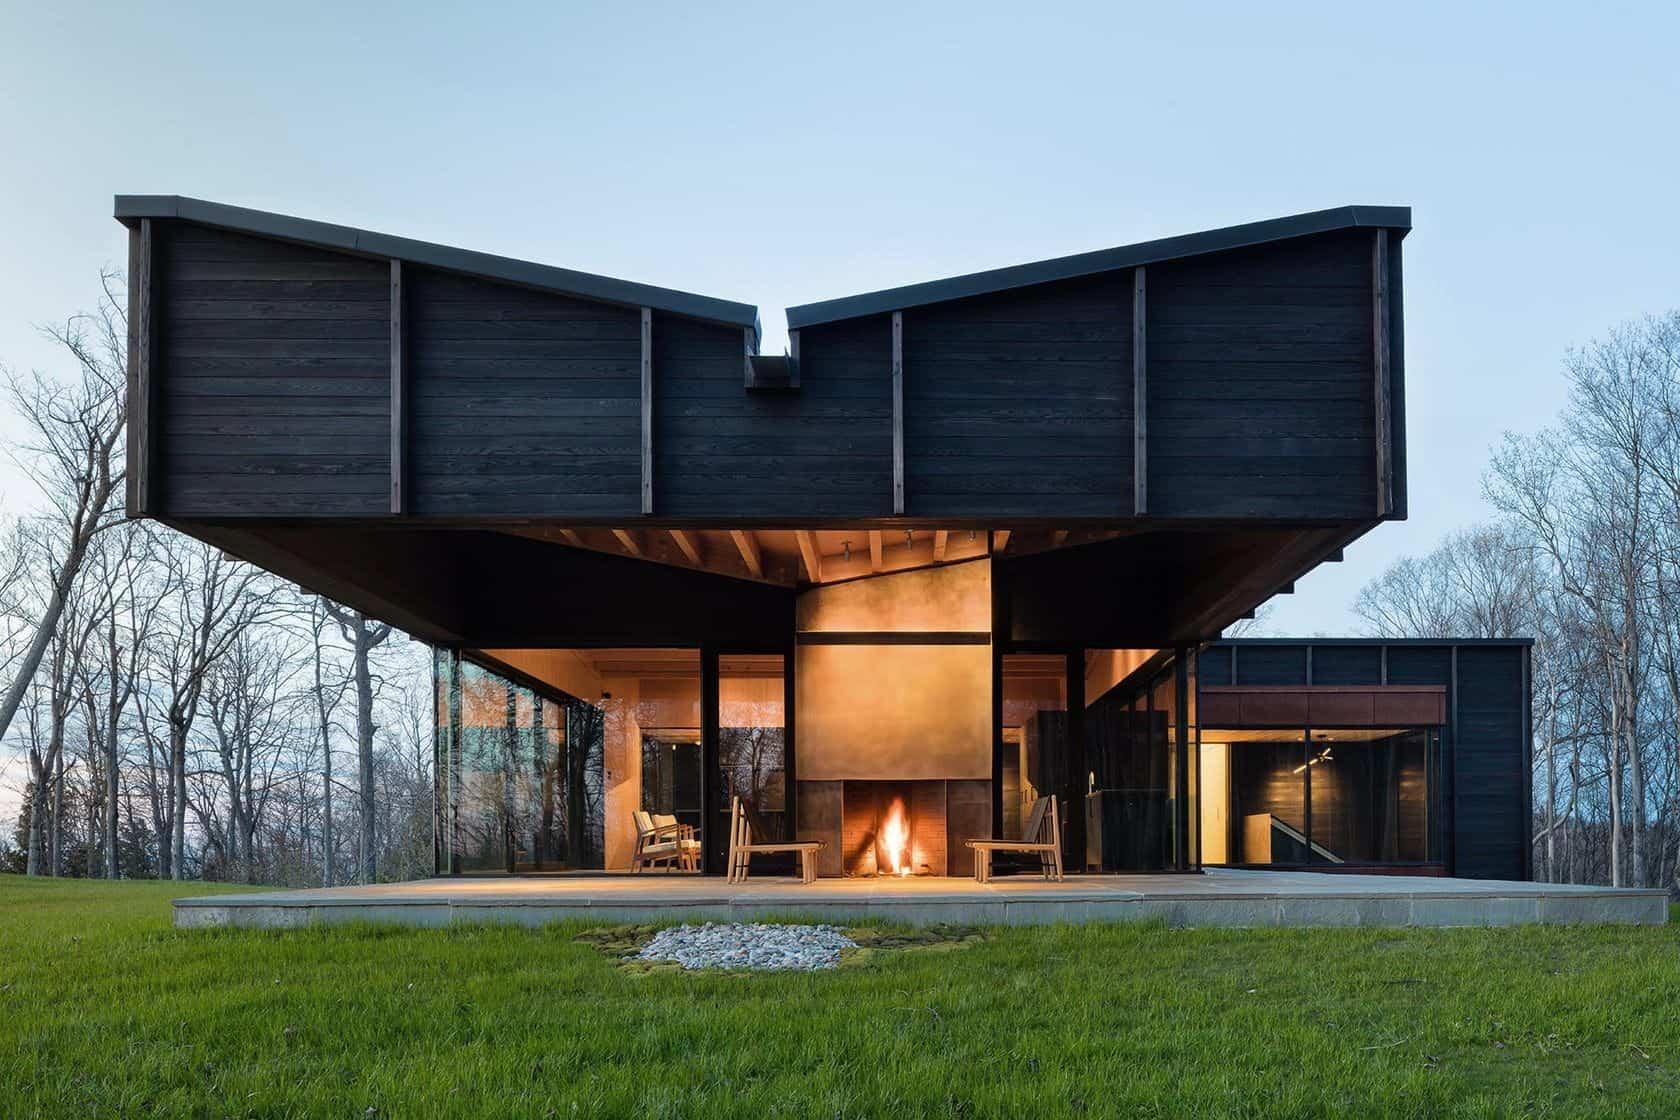 Residencia situada en el lago Michigan que tiene un techo con forma de mariposa